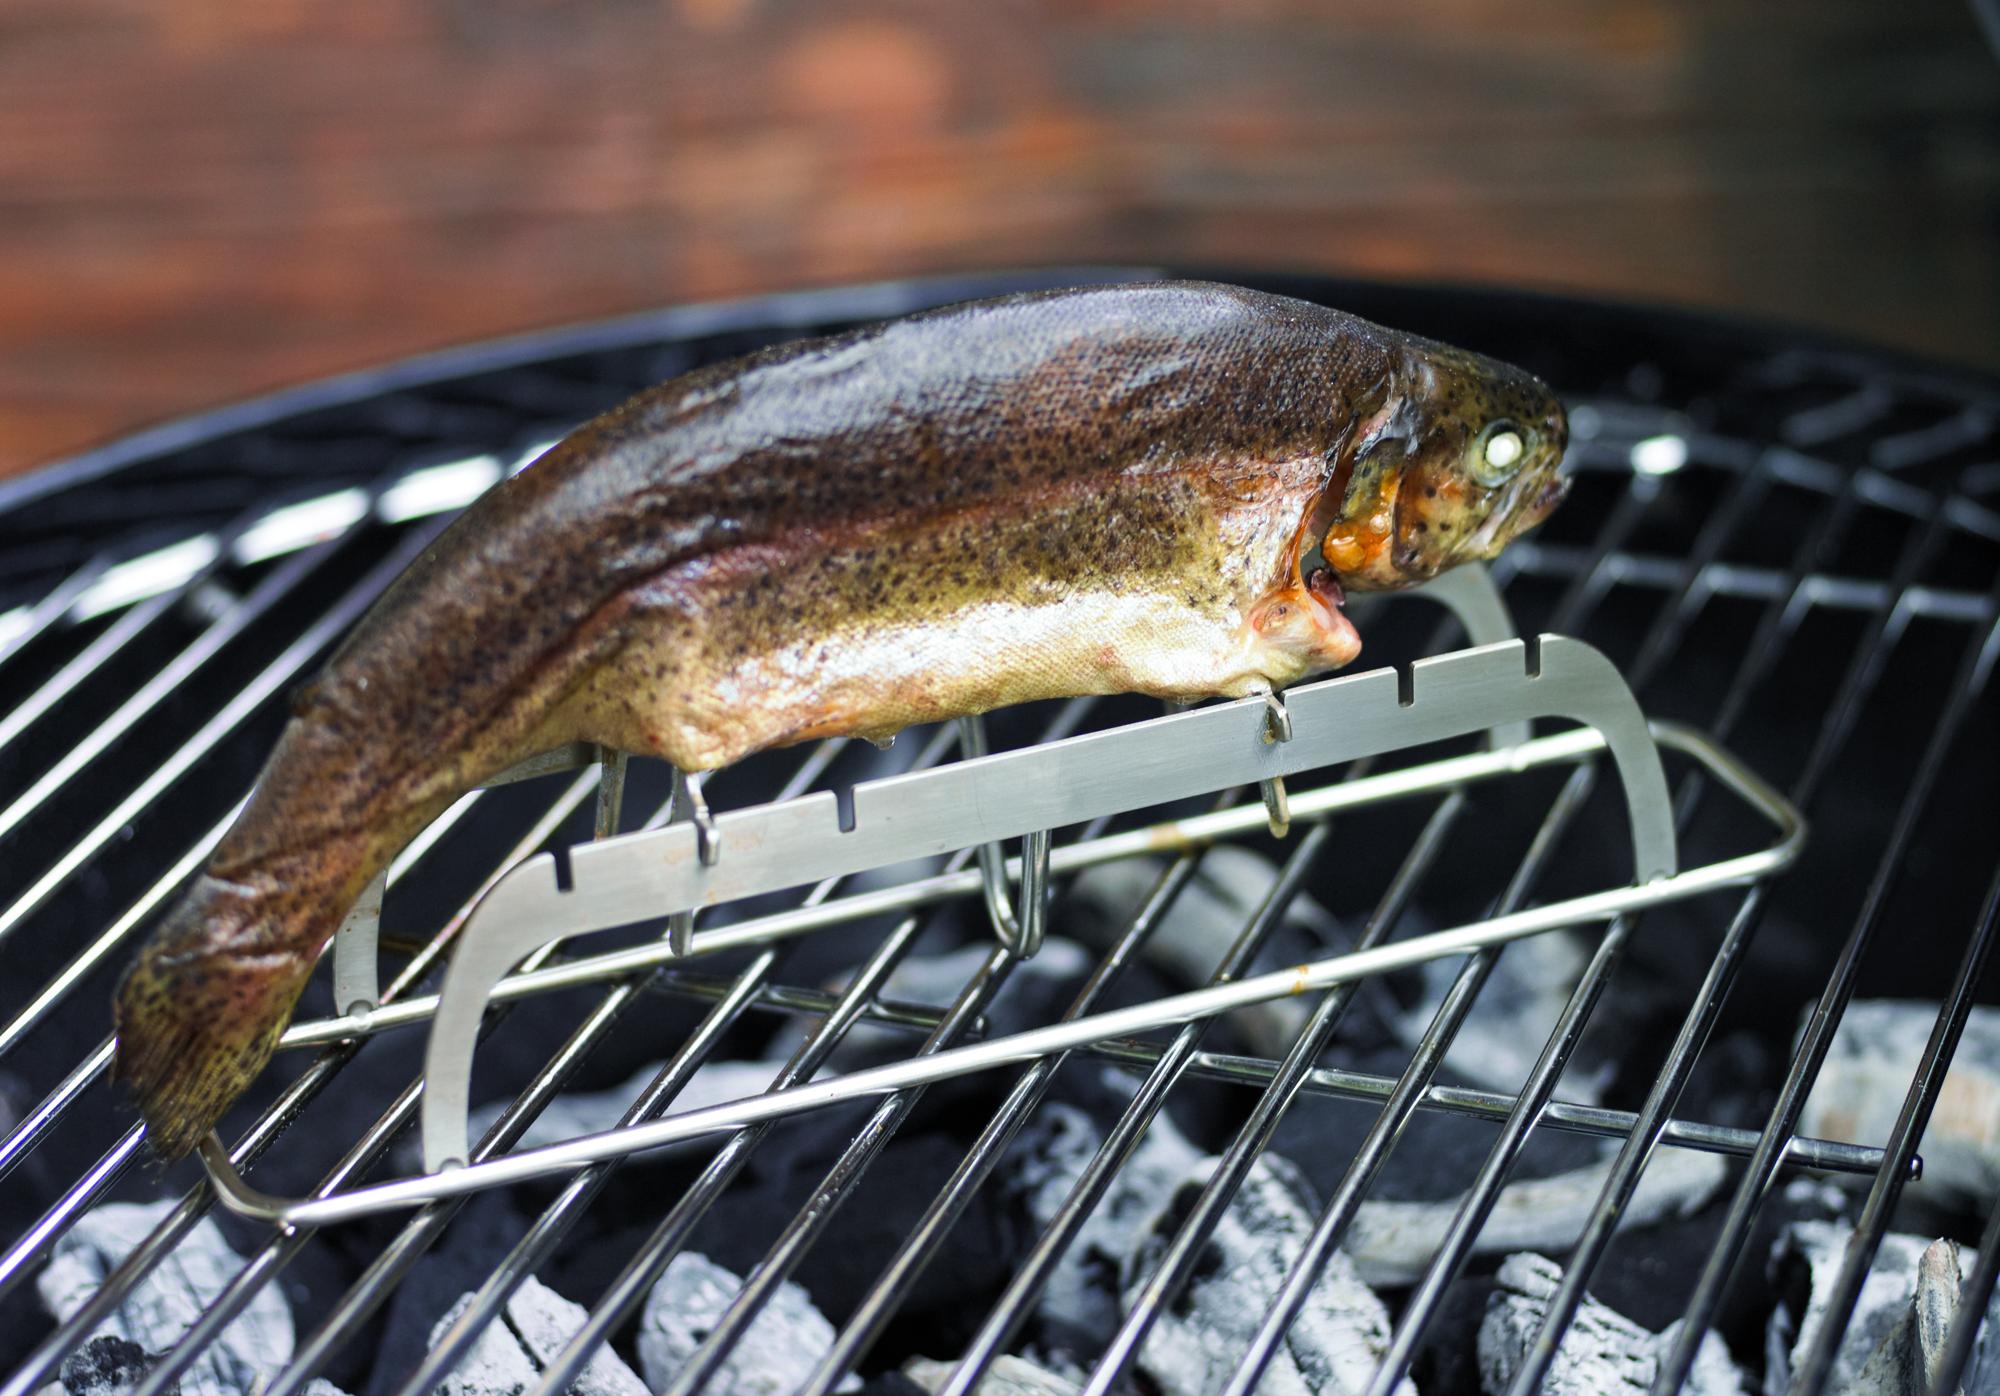 Weber Holzkohlegrill Fisch : Fisch vom grill fischhalter oder fischbräter für jeden grill